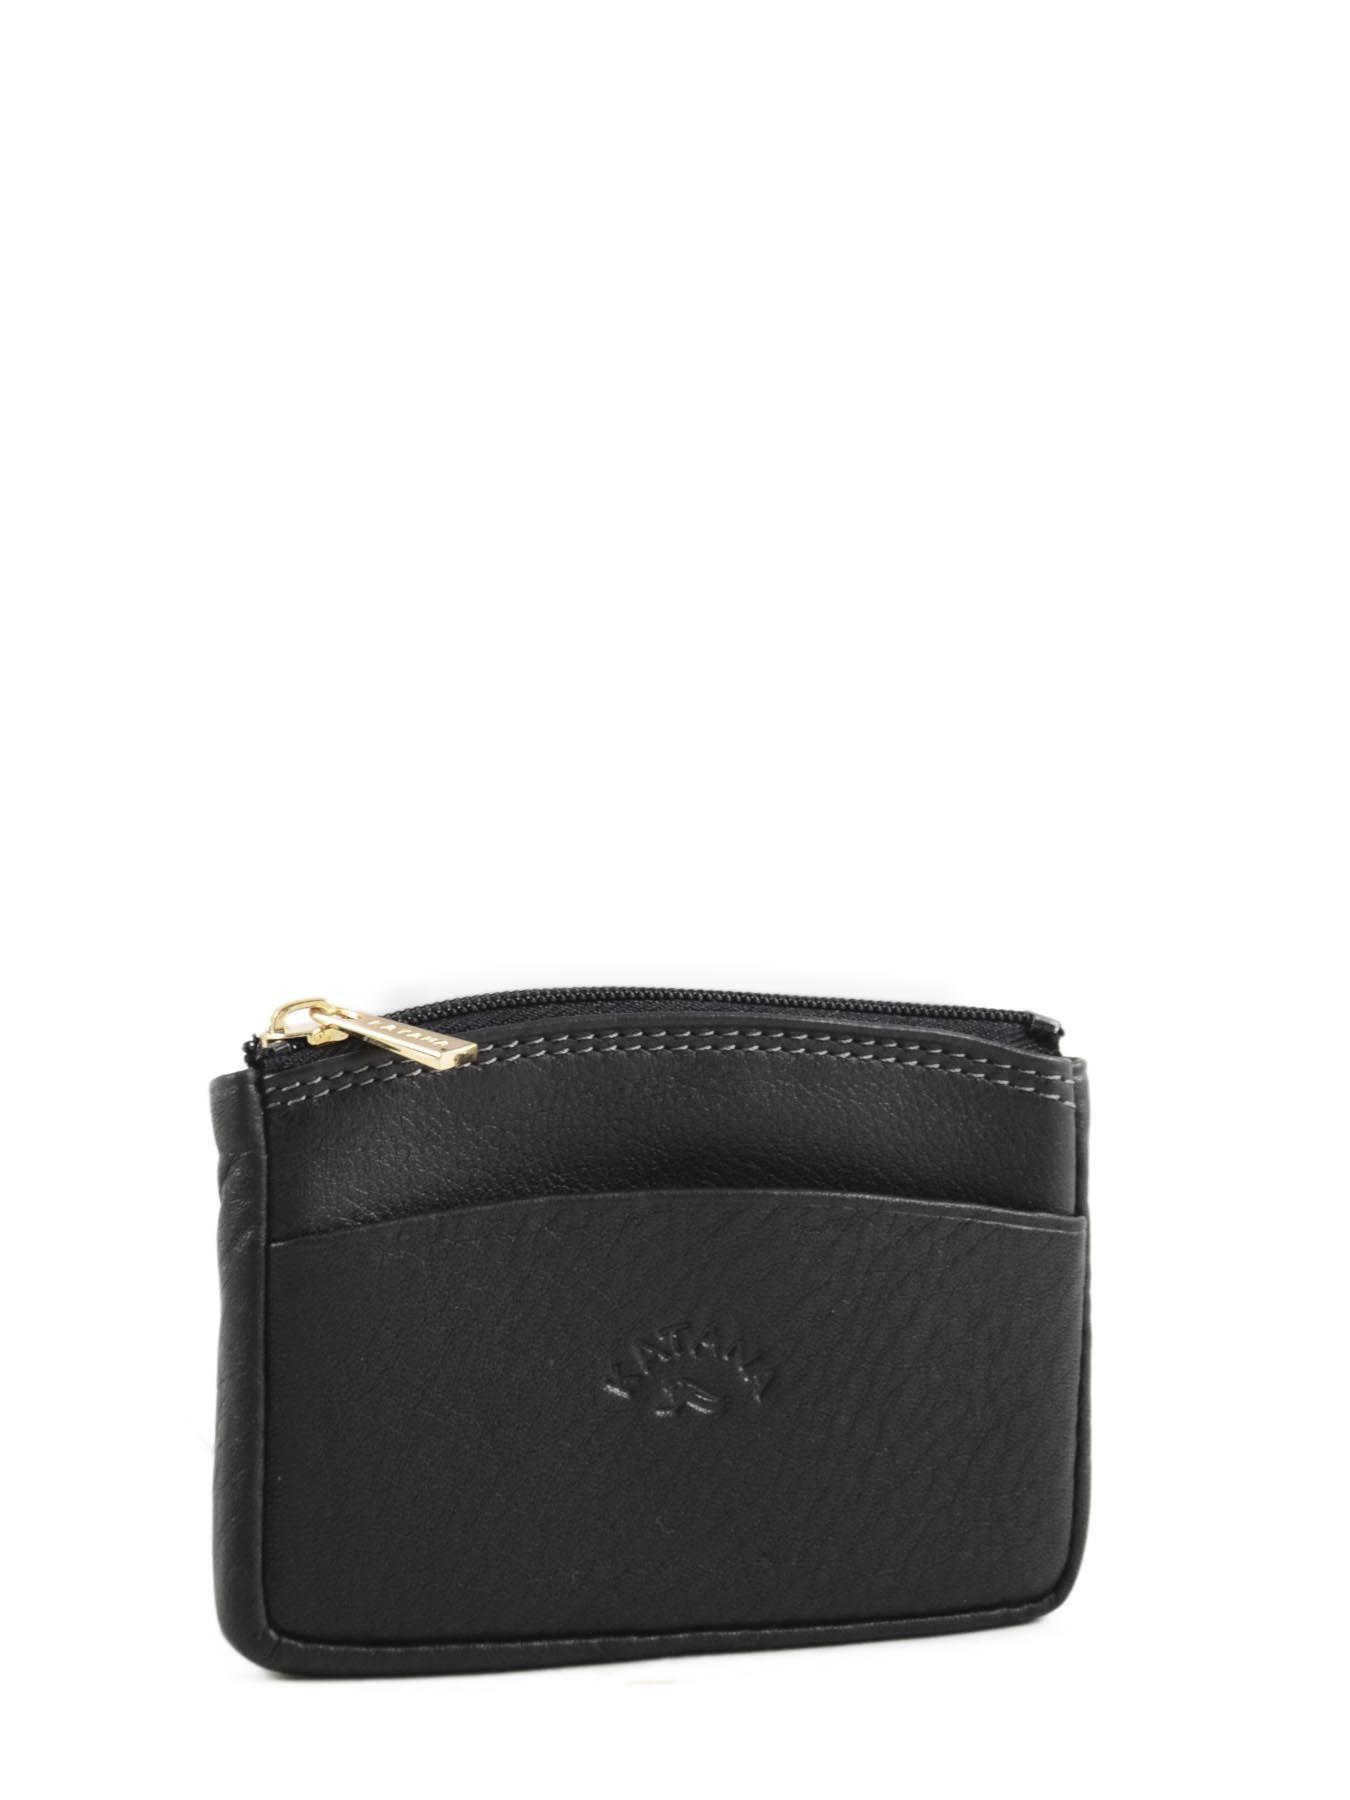 détaillant en ligne d7c4e e3419 Porte-monnaie cuir KATANA